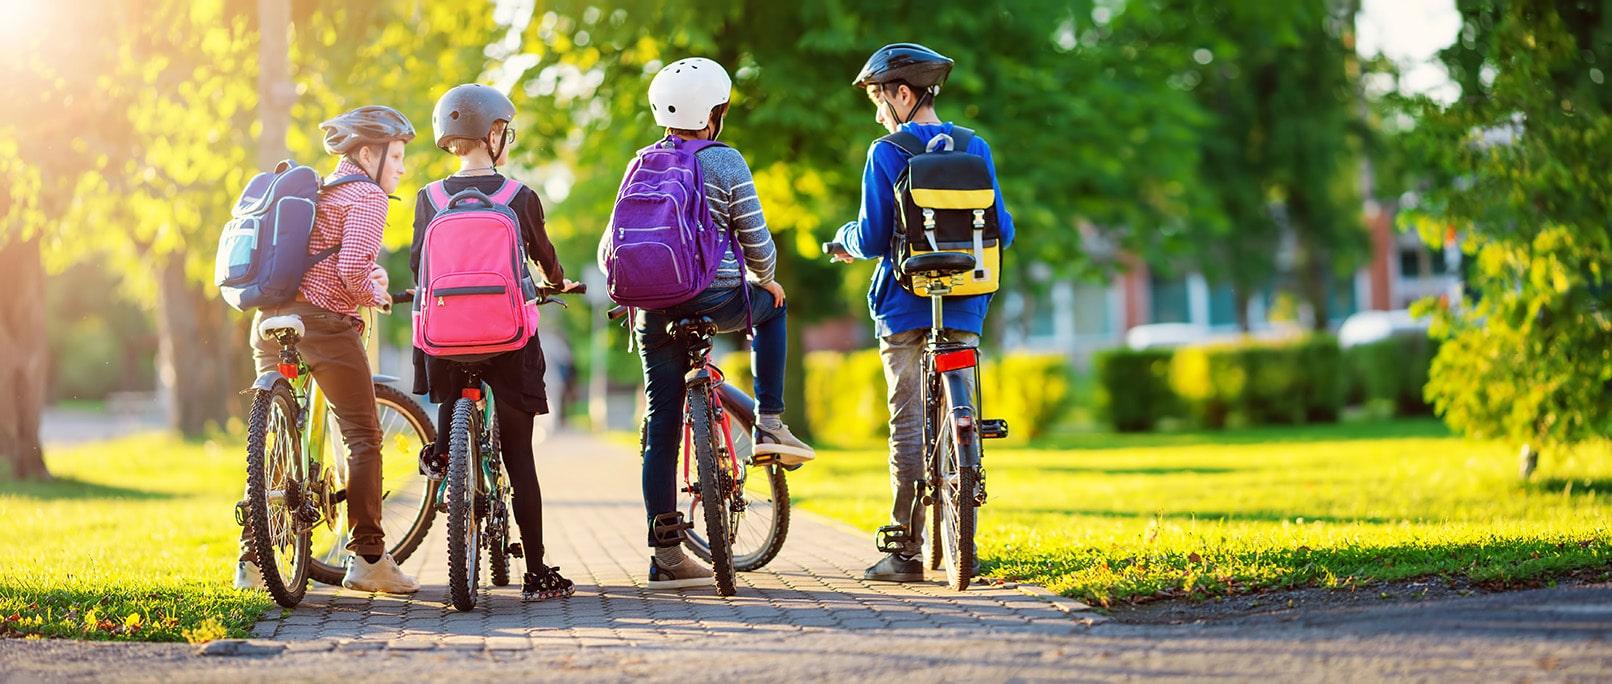 Free bikes for kids scheme